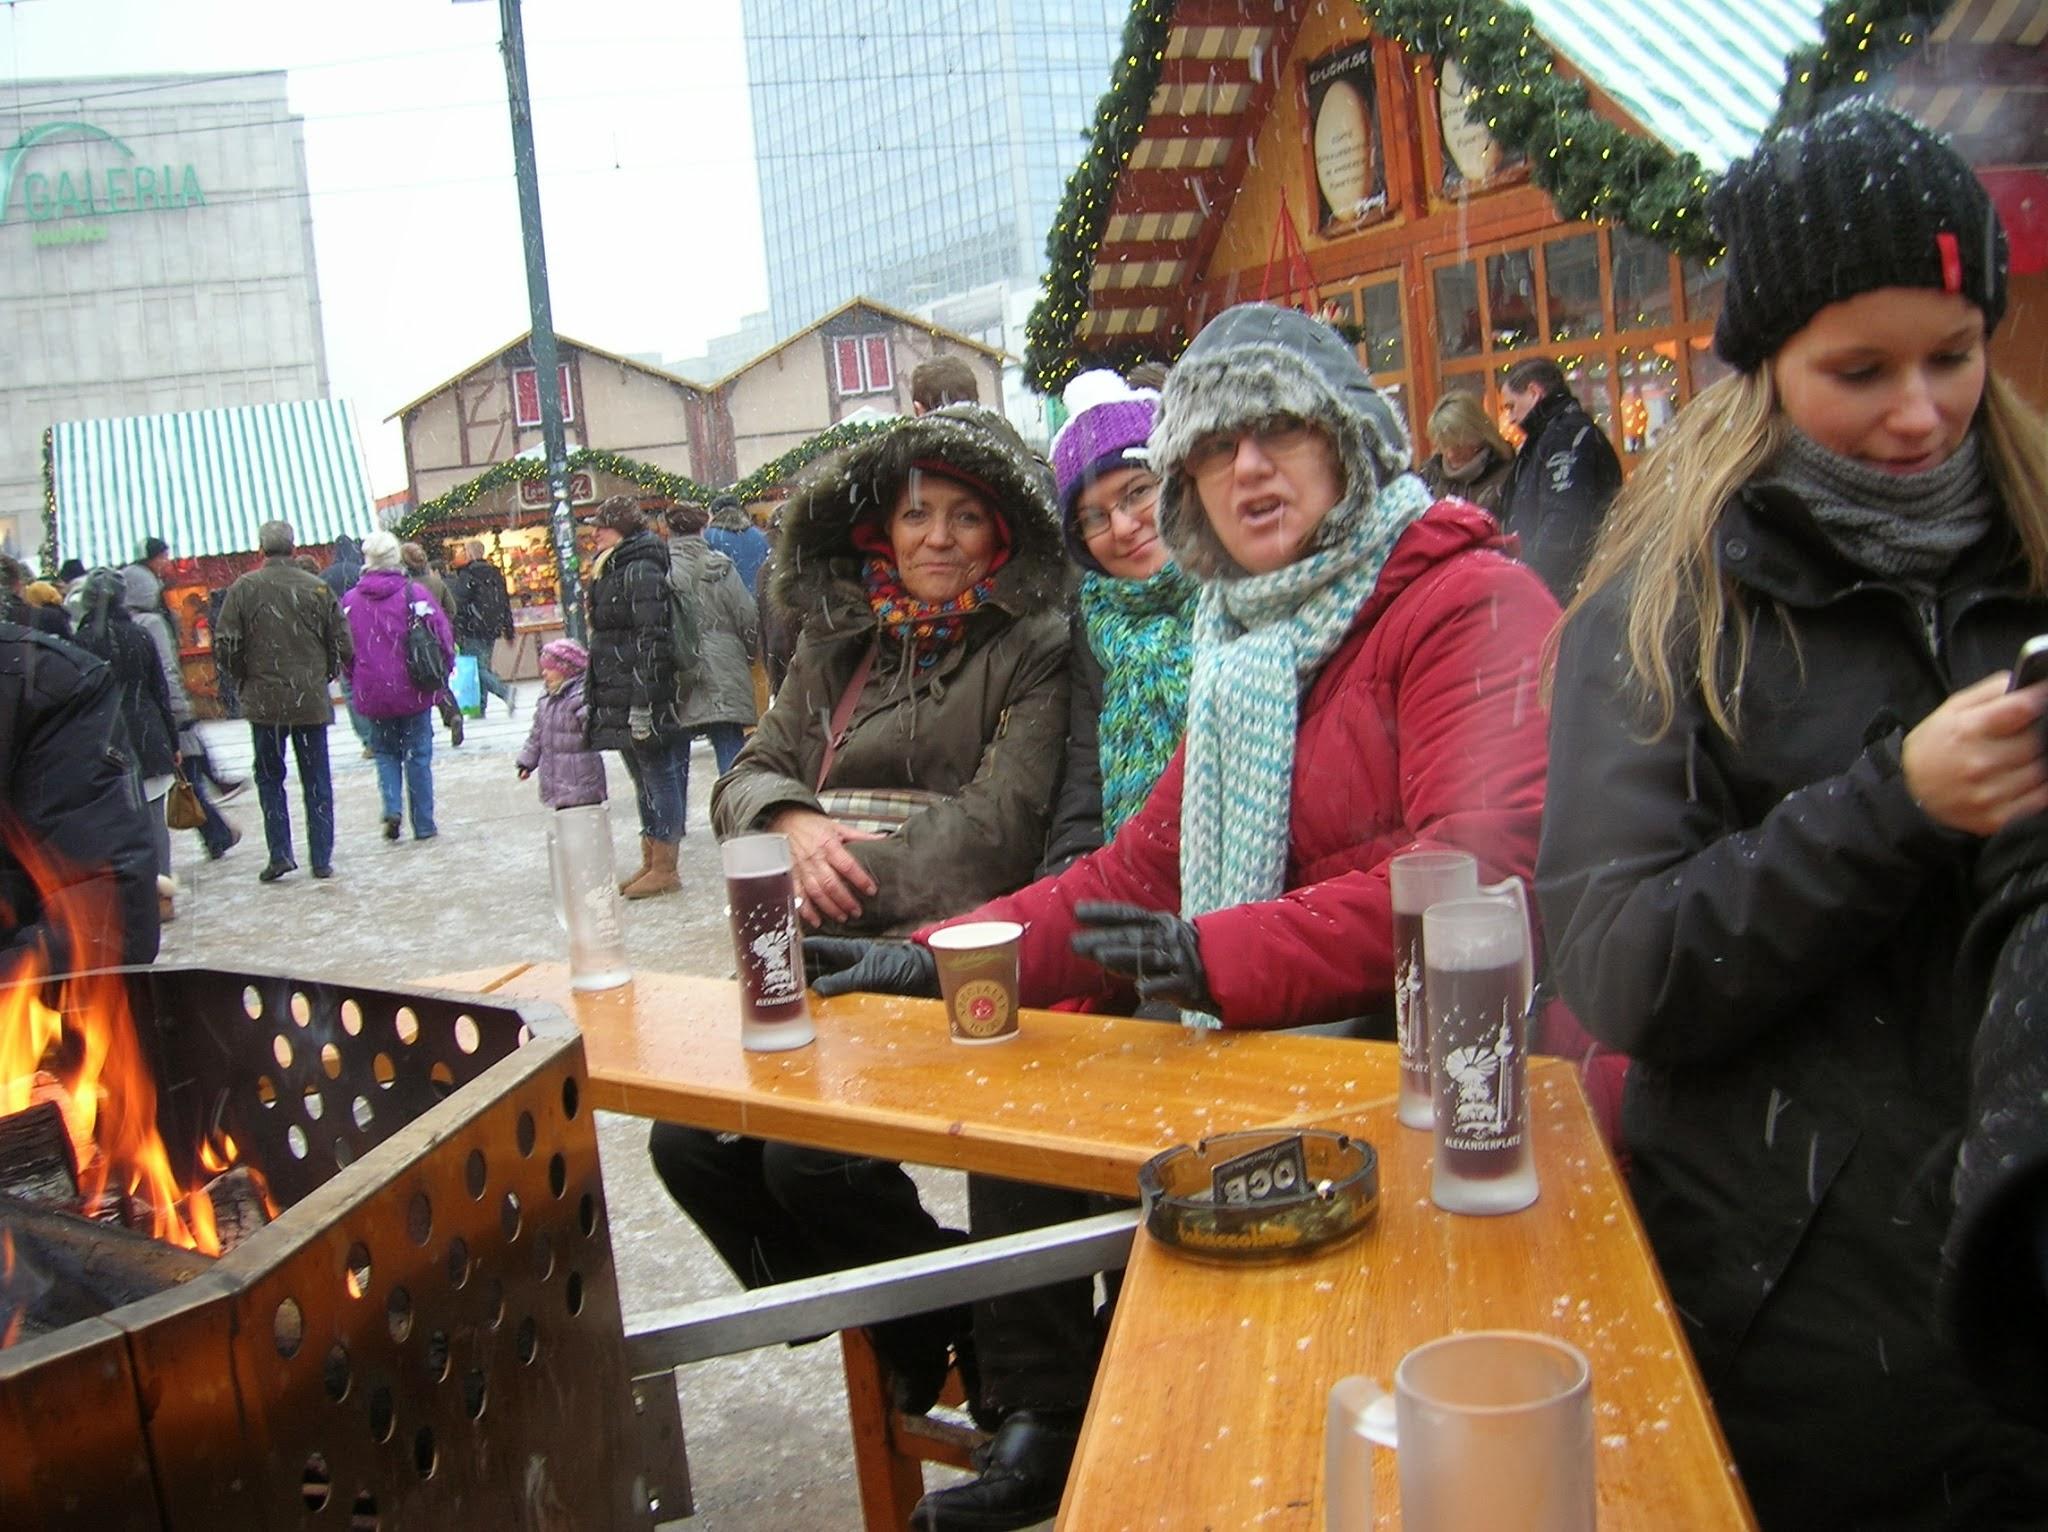 Tomando un Glühwein en Alexander Platz, Berlin, Alemania, round the world, La vuelta al mundo de Asun y Ricardo, mundoporlibre.com